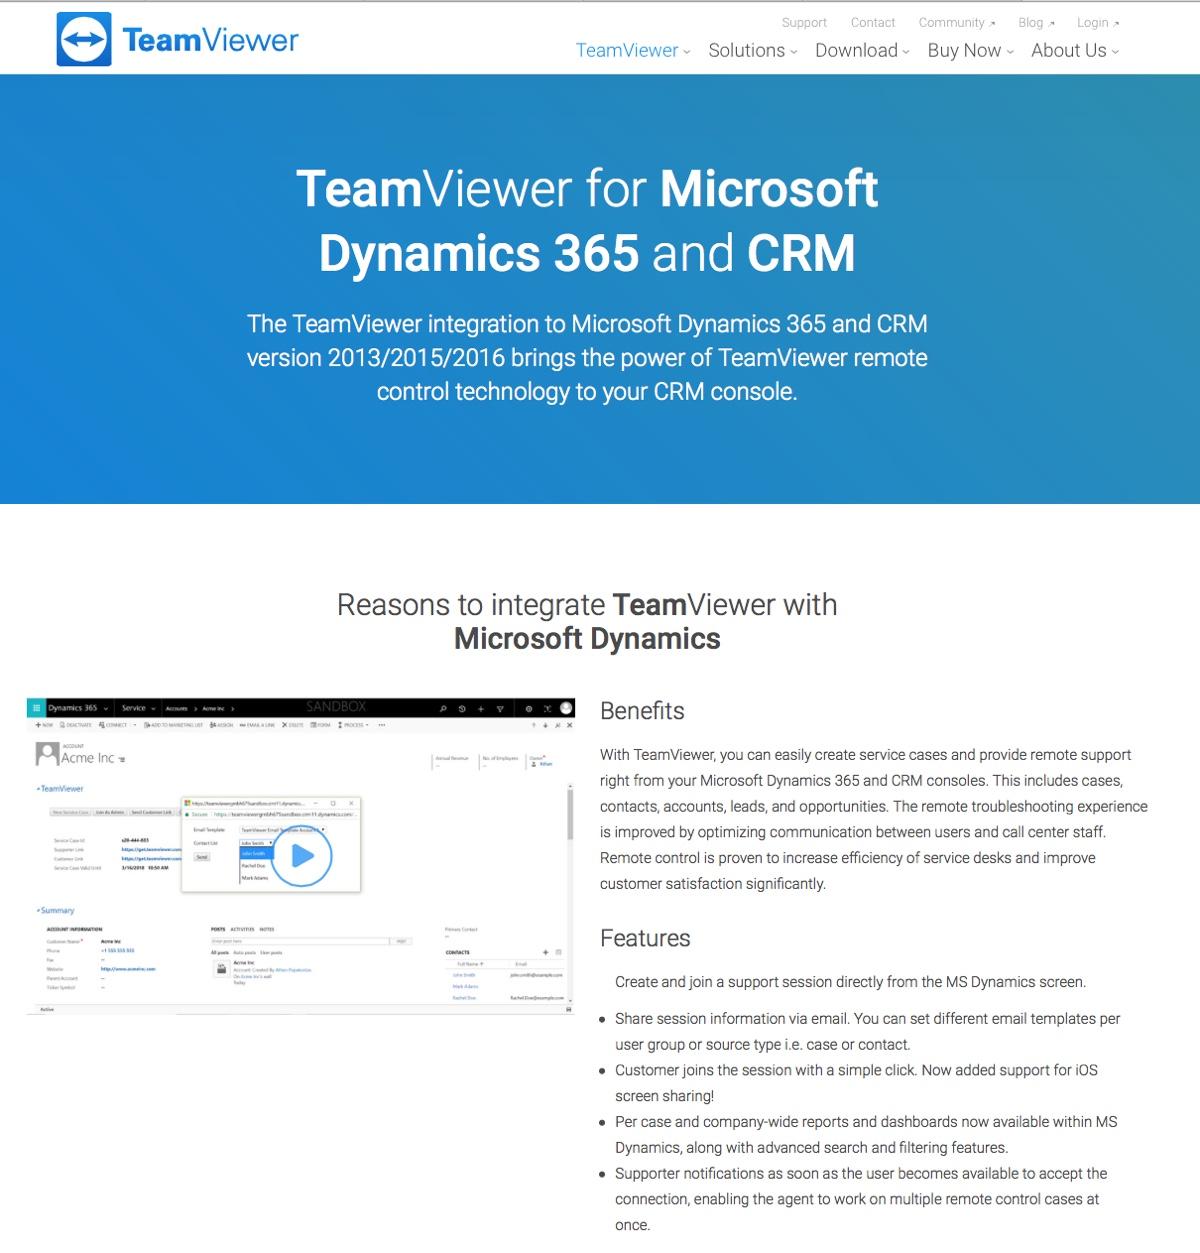 TeamViewer si integra con Microsoft Dynamics 365 per ottimizzare le vendite